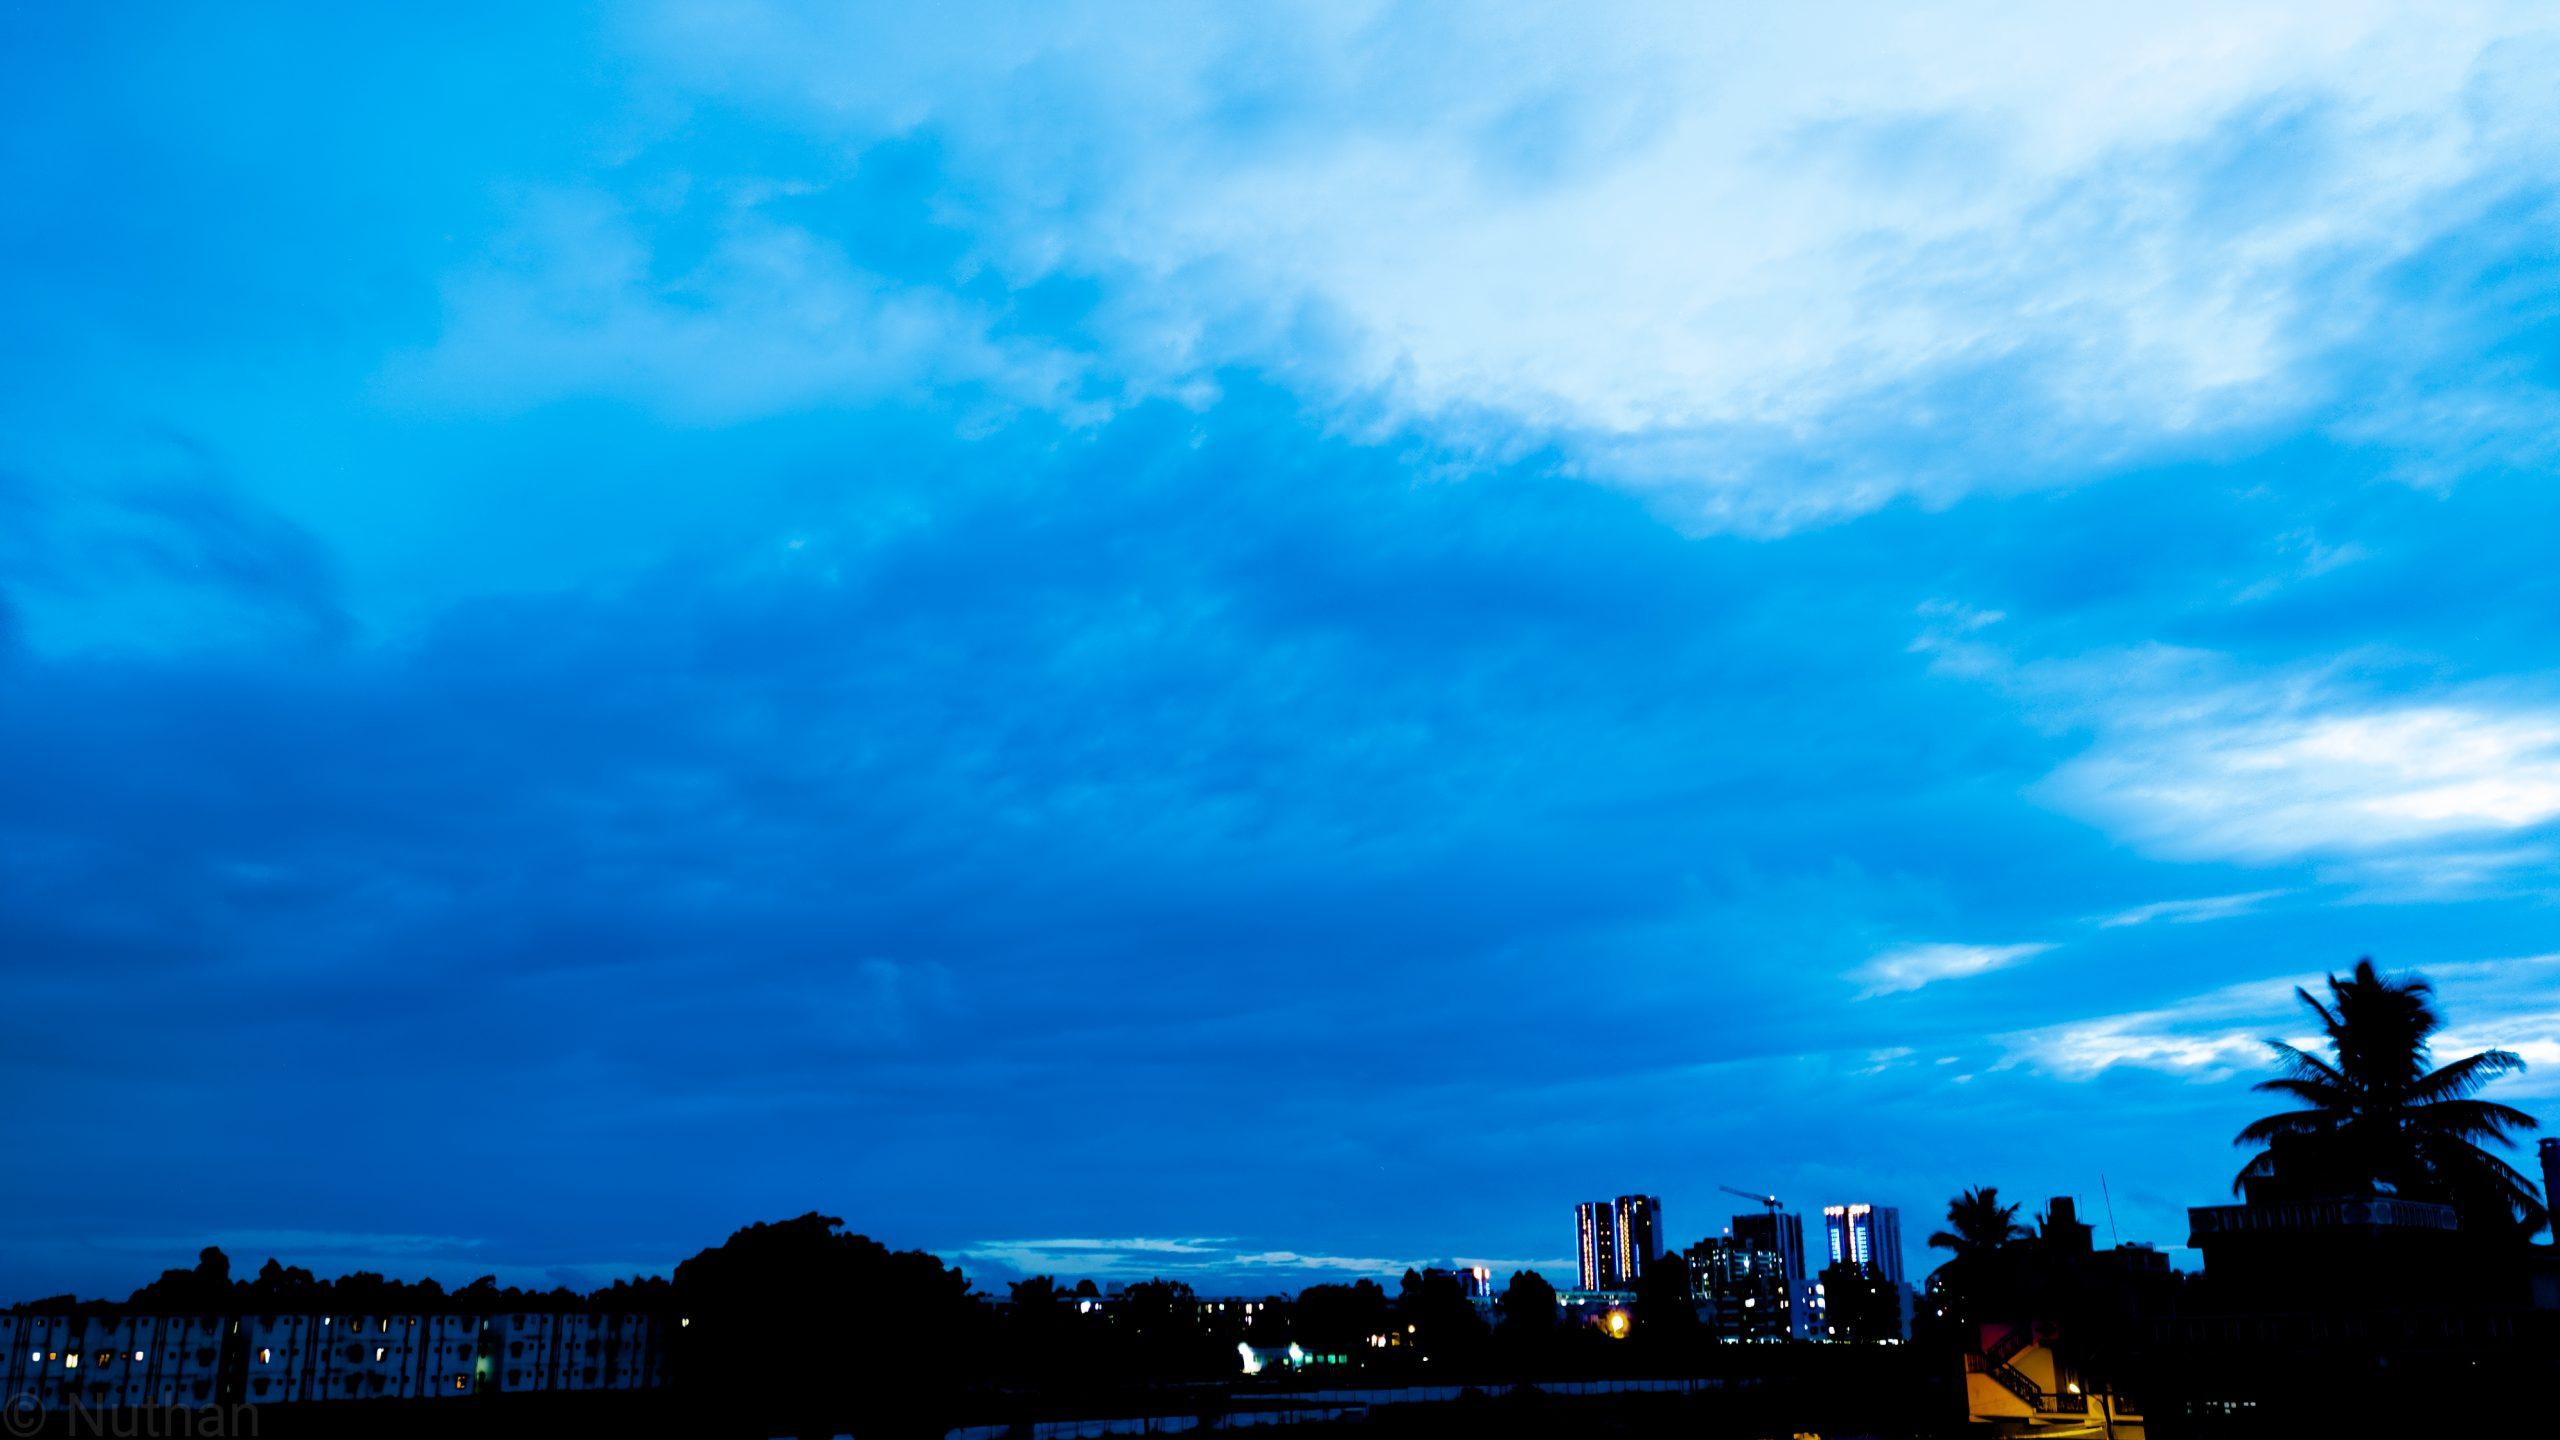 Beauty of sky over a city